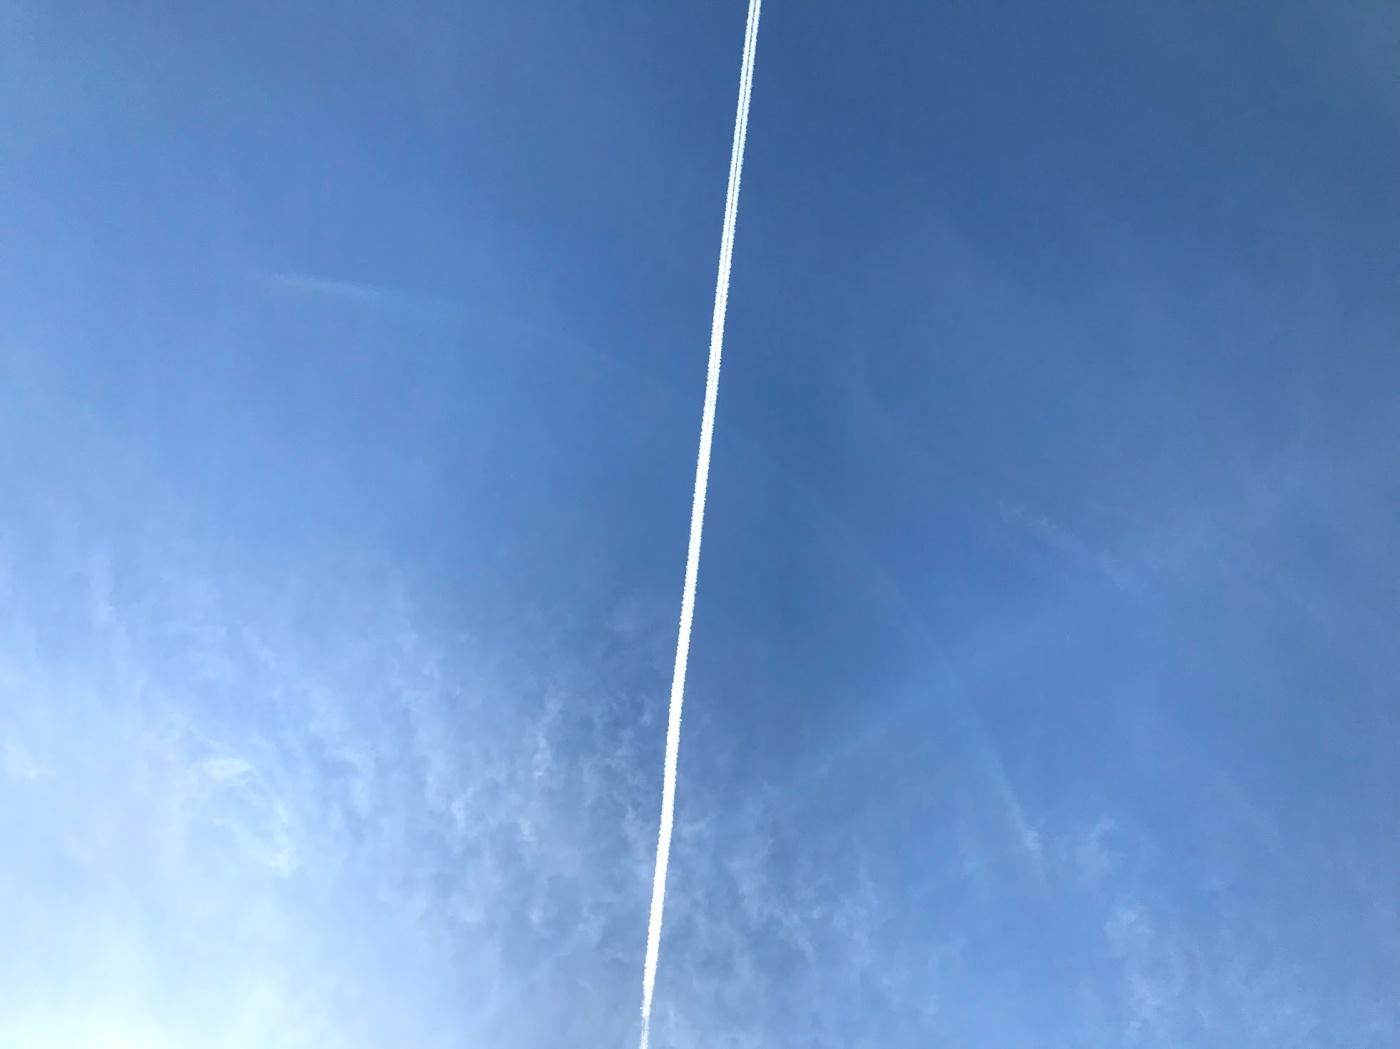 Bilde av himmel